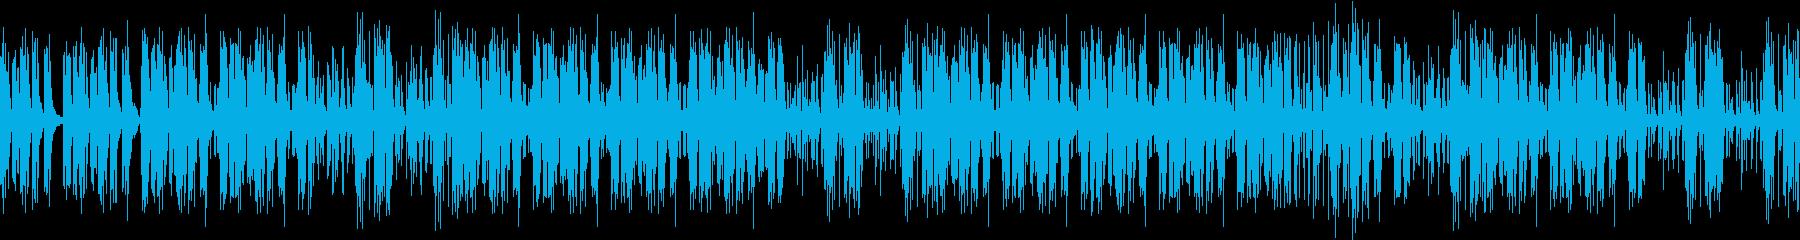 闇夜のスリルの再生済みの波形